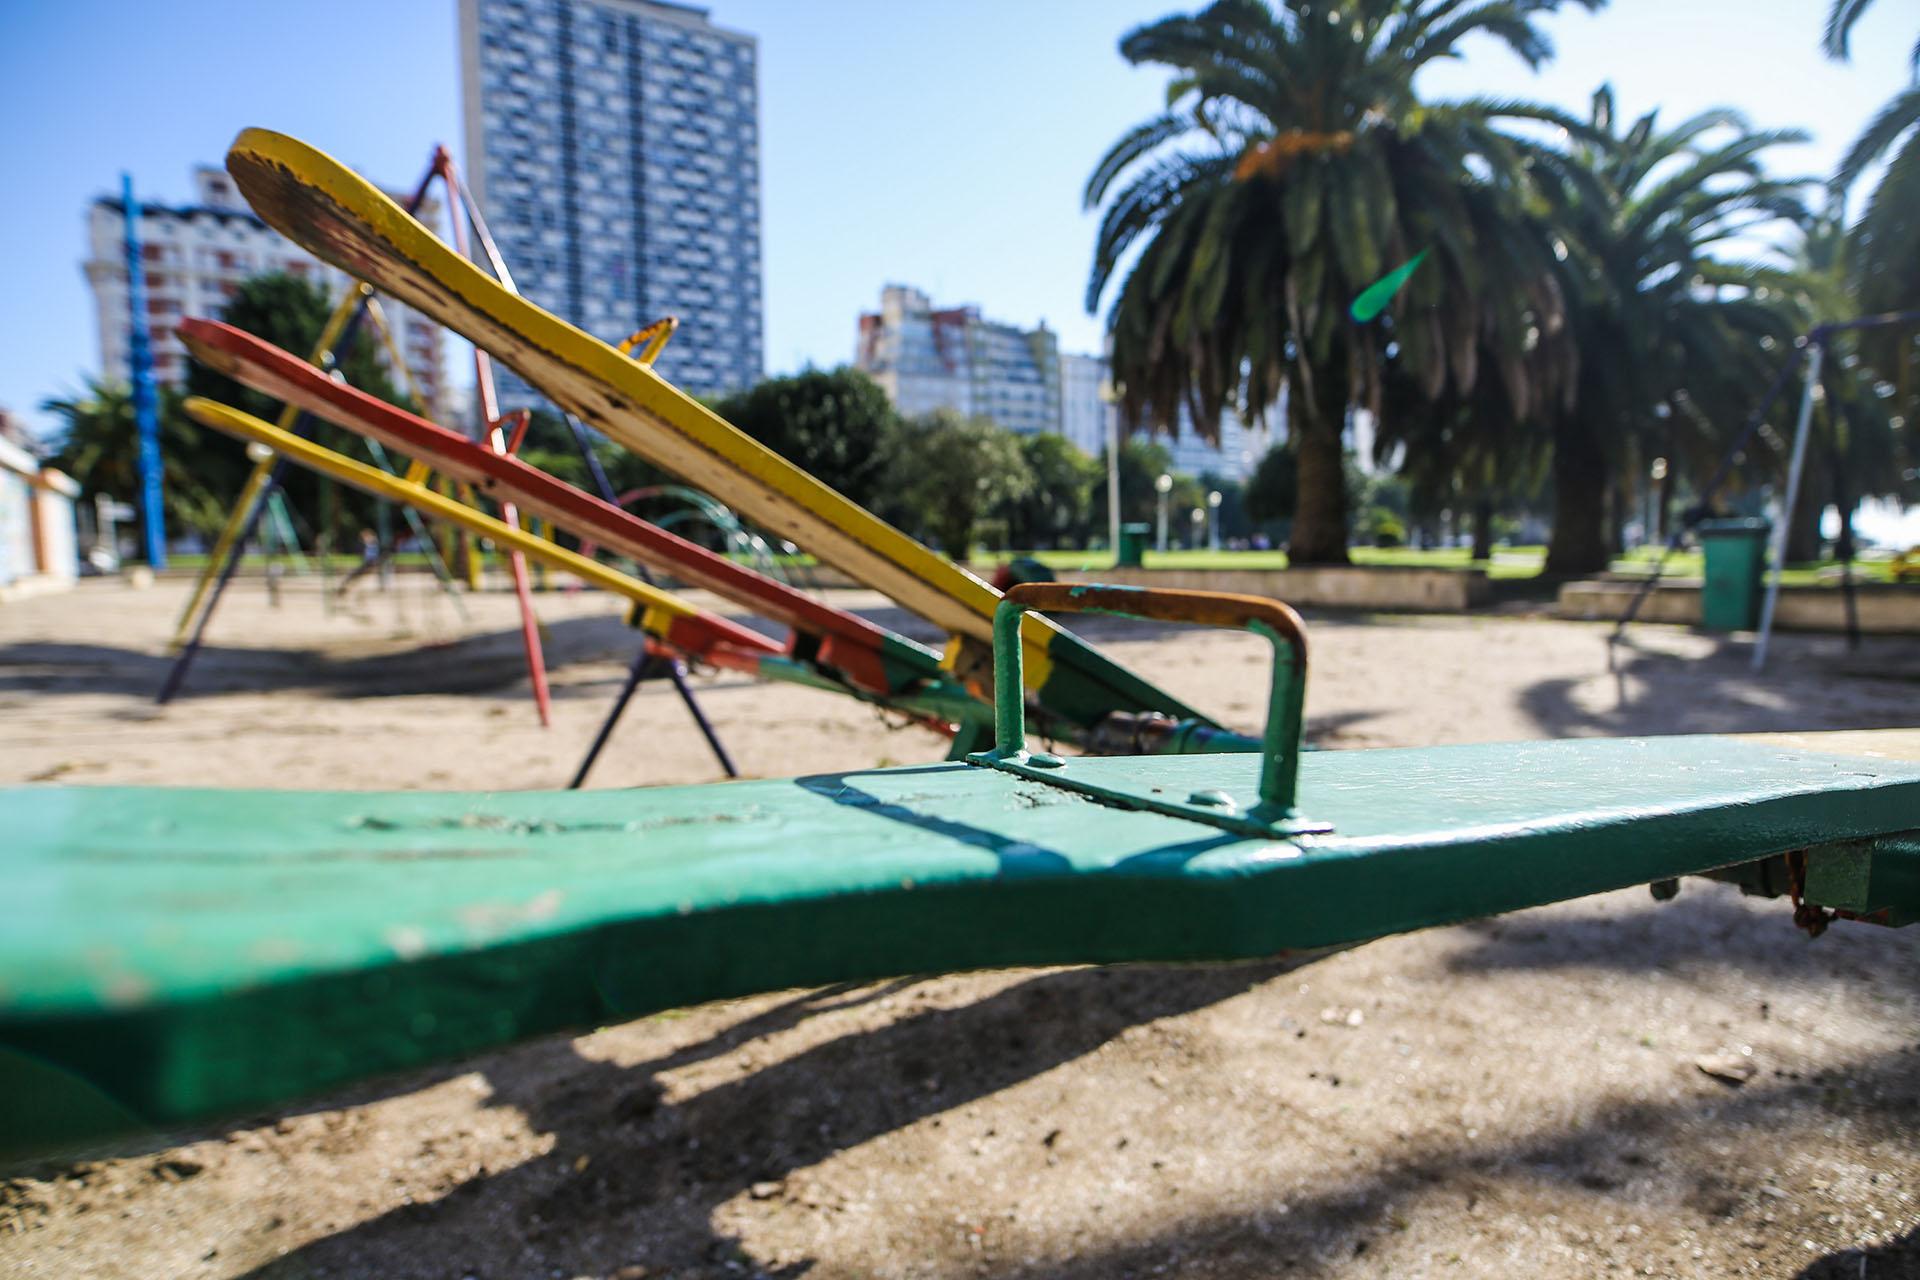 Las plazas de Mar del Plata estuvieron cerradas. Los niños todavía no pueden ir a los juegos para evitar el aglomeramiento (Christian Heit)